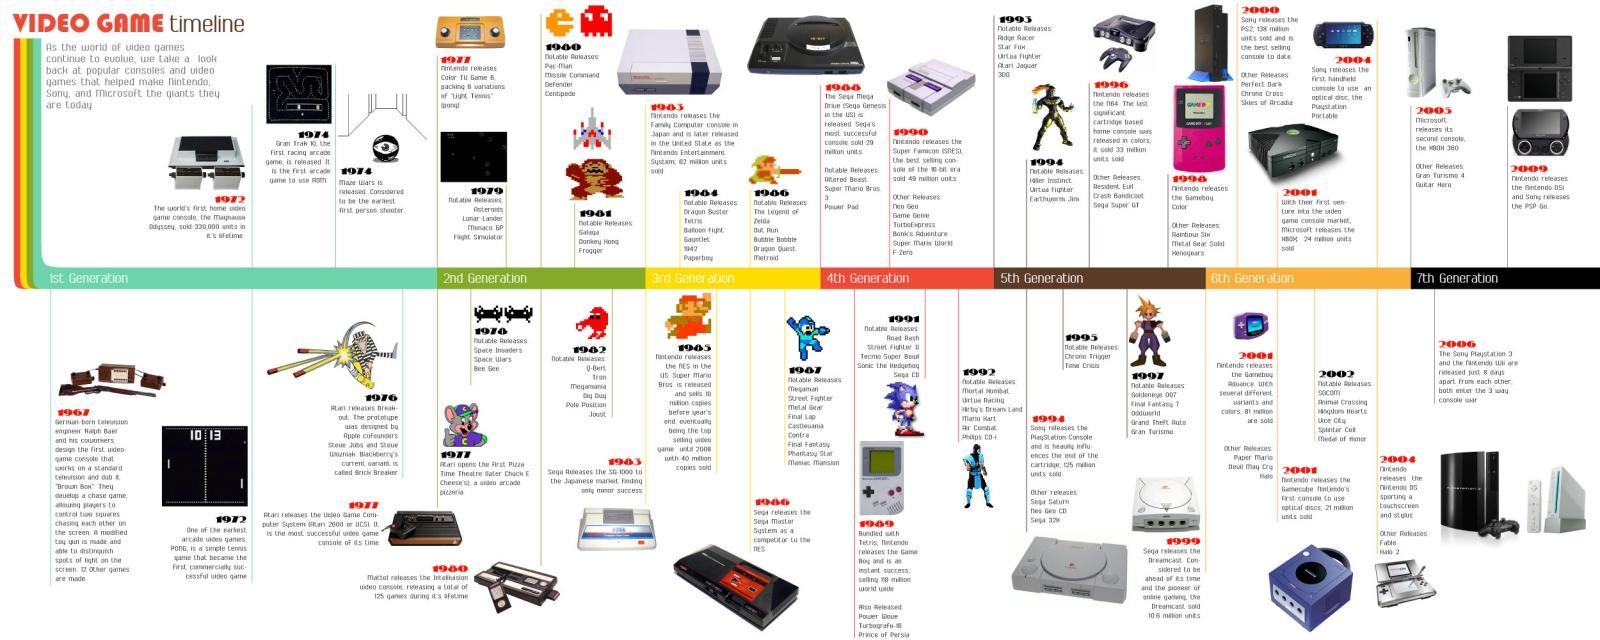 [SONDAGE] Quels jeux et consoles collectionnez vous? Gallery_4_8_189958